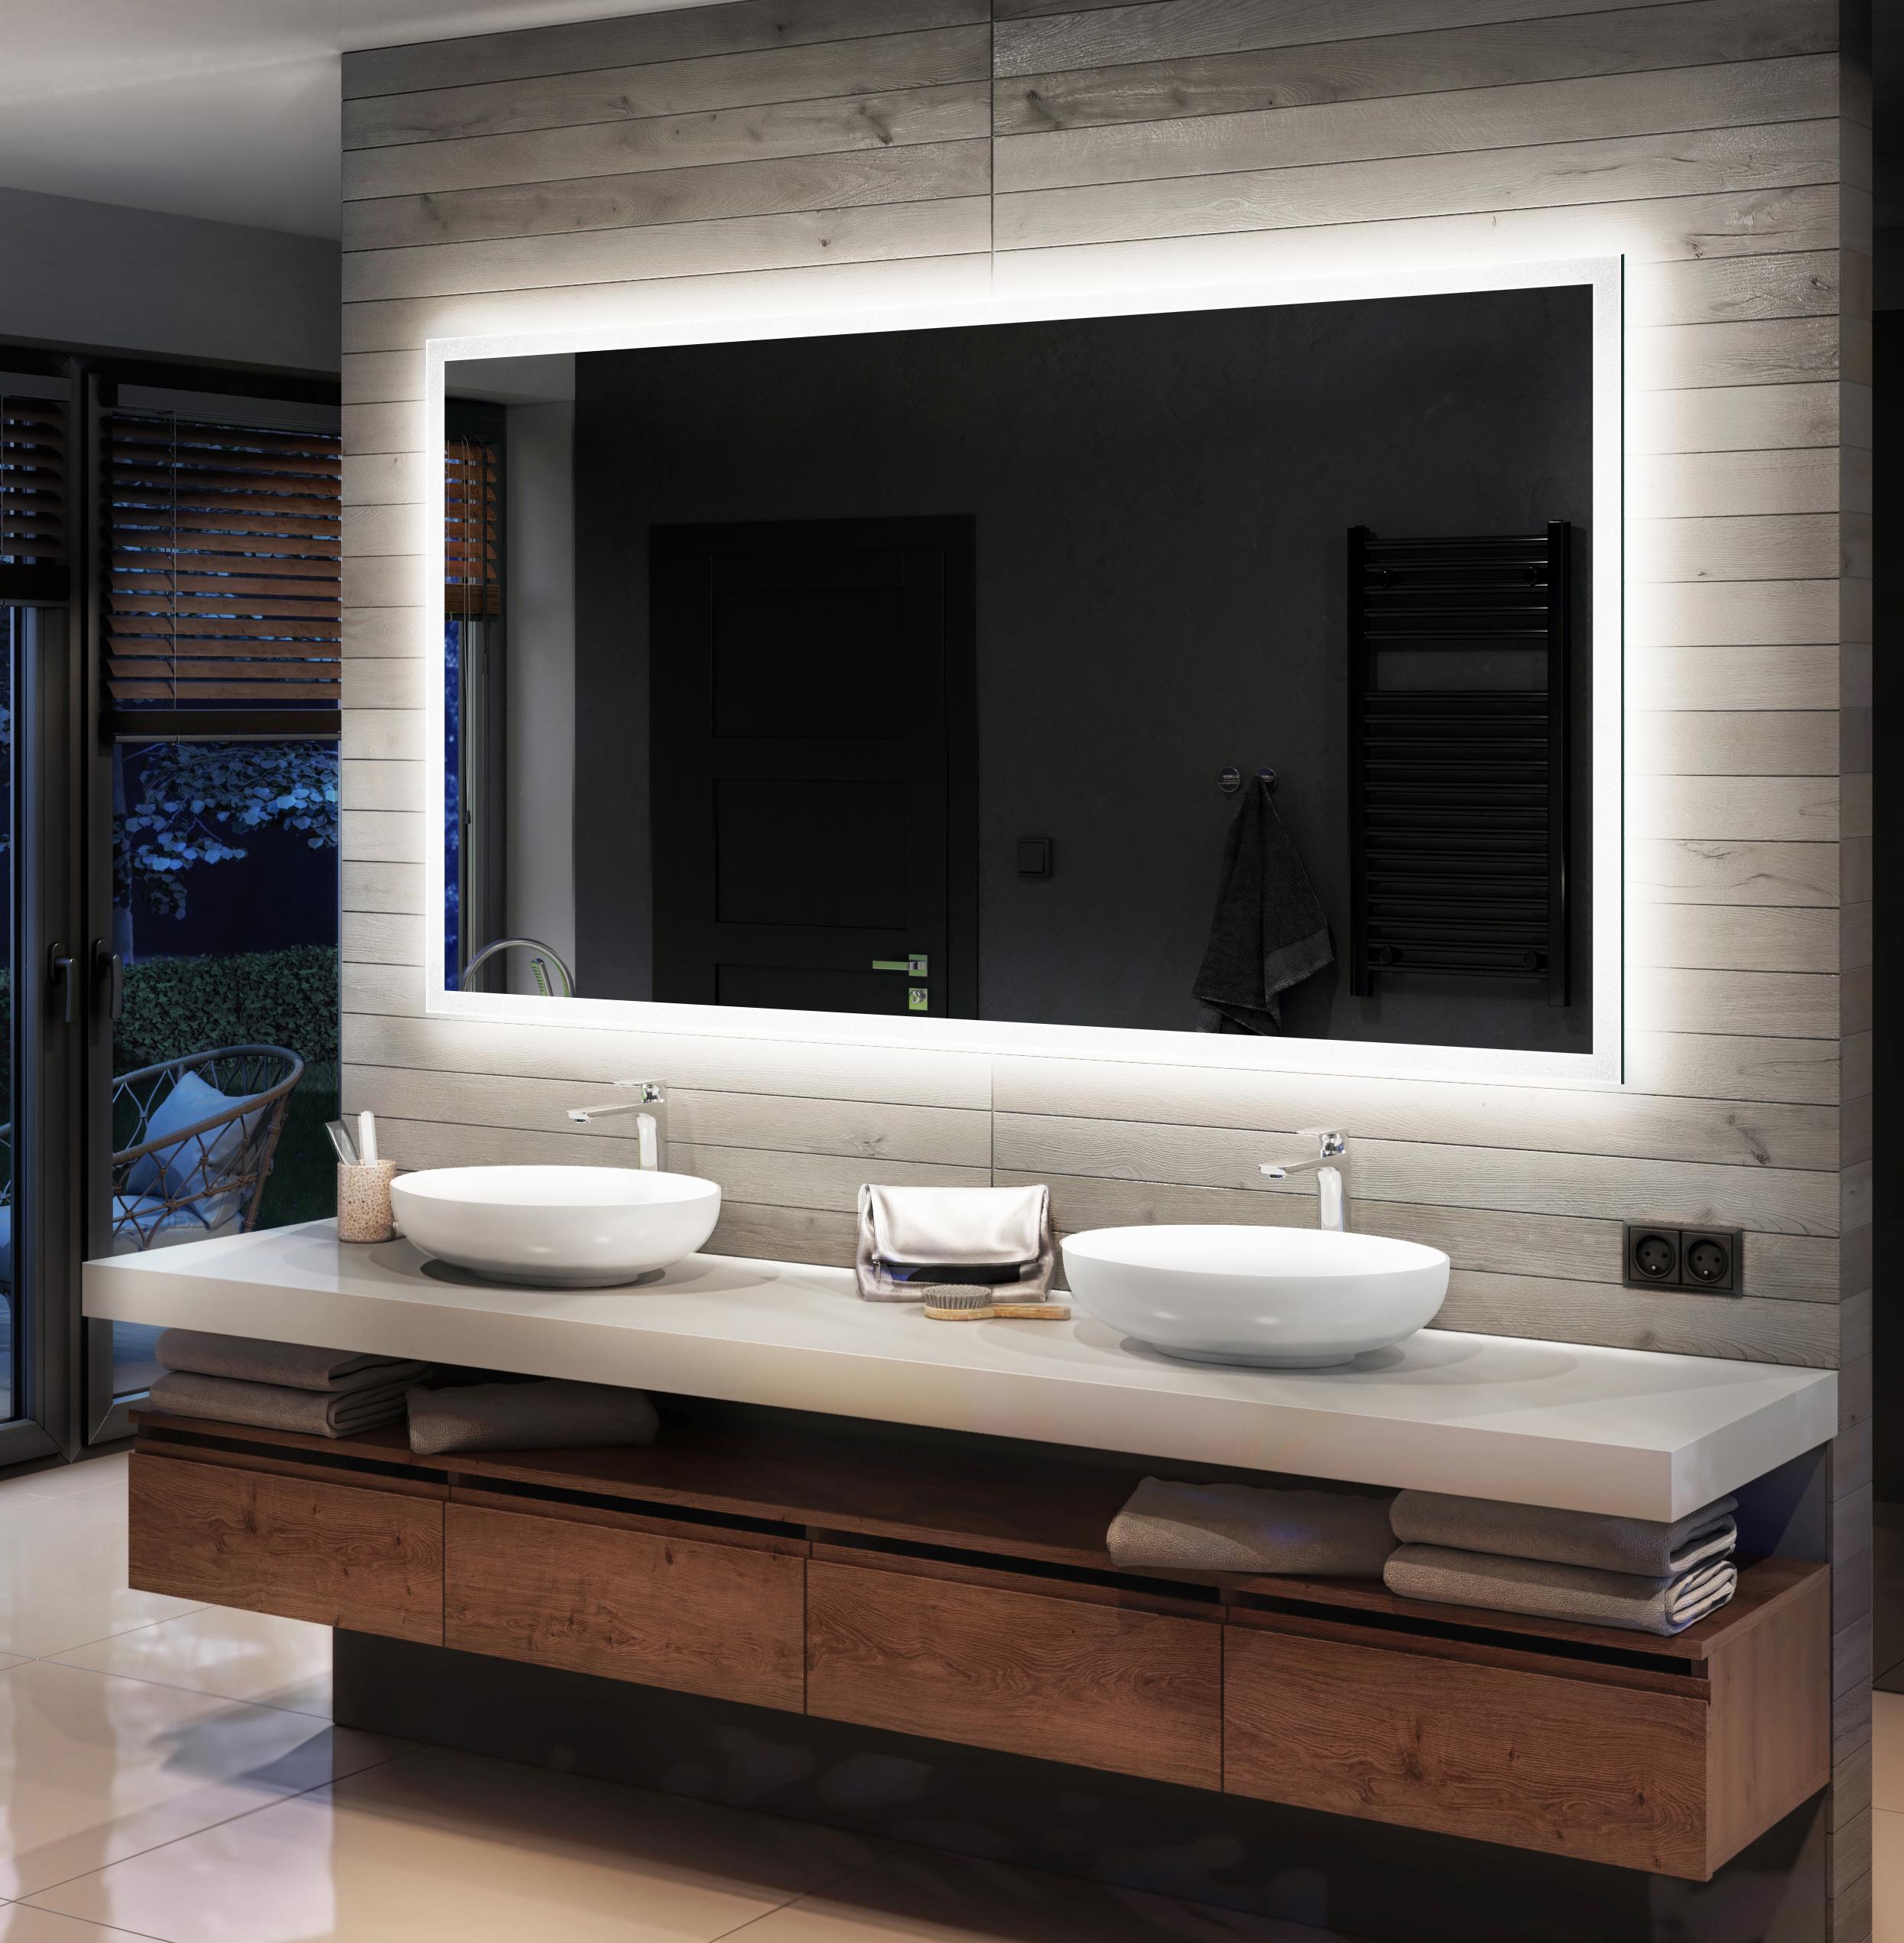 Details zu Badspiegel mit LED Beleuchtung Spiegel Wandspiegel  Badezimmerspiegel nach Maß 9